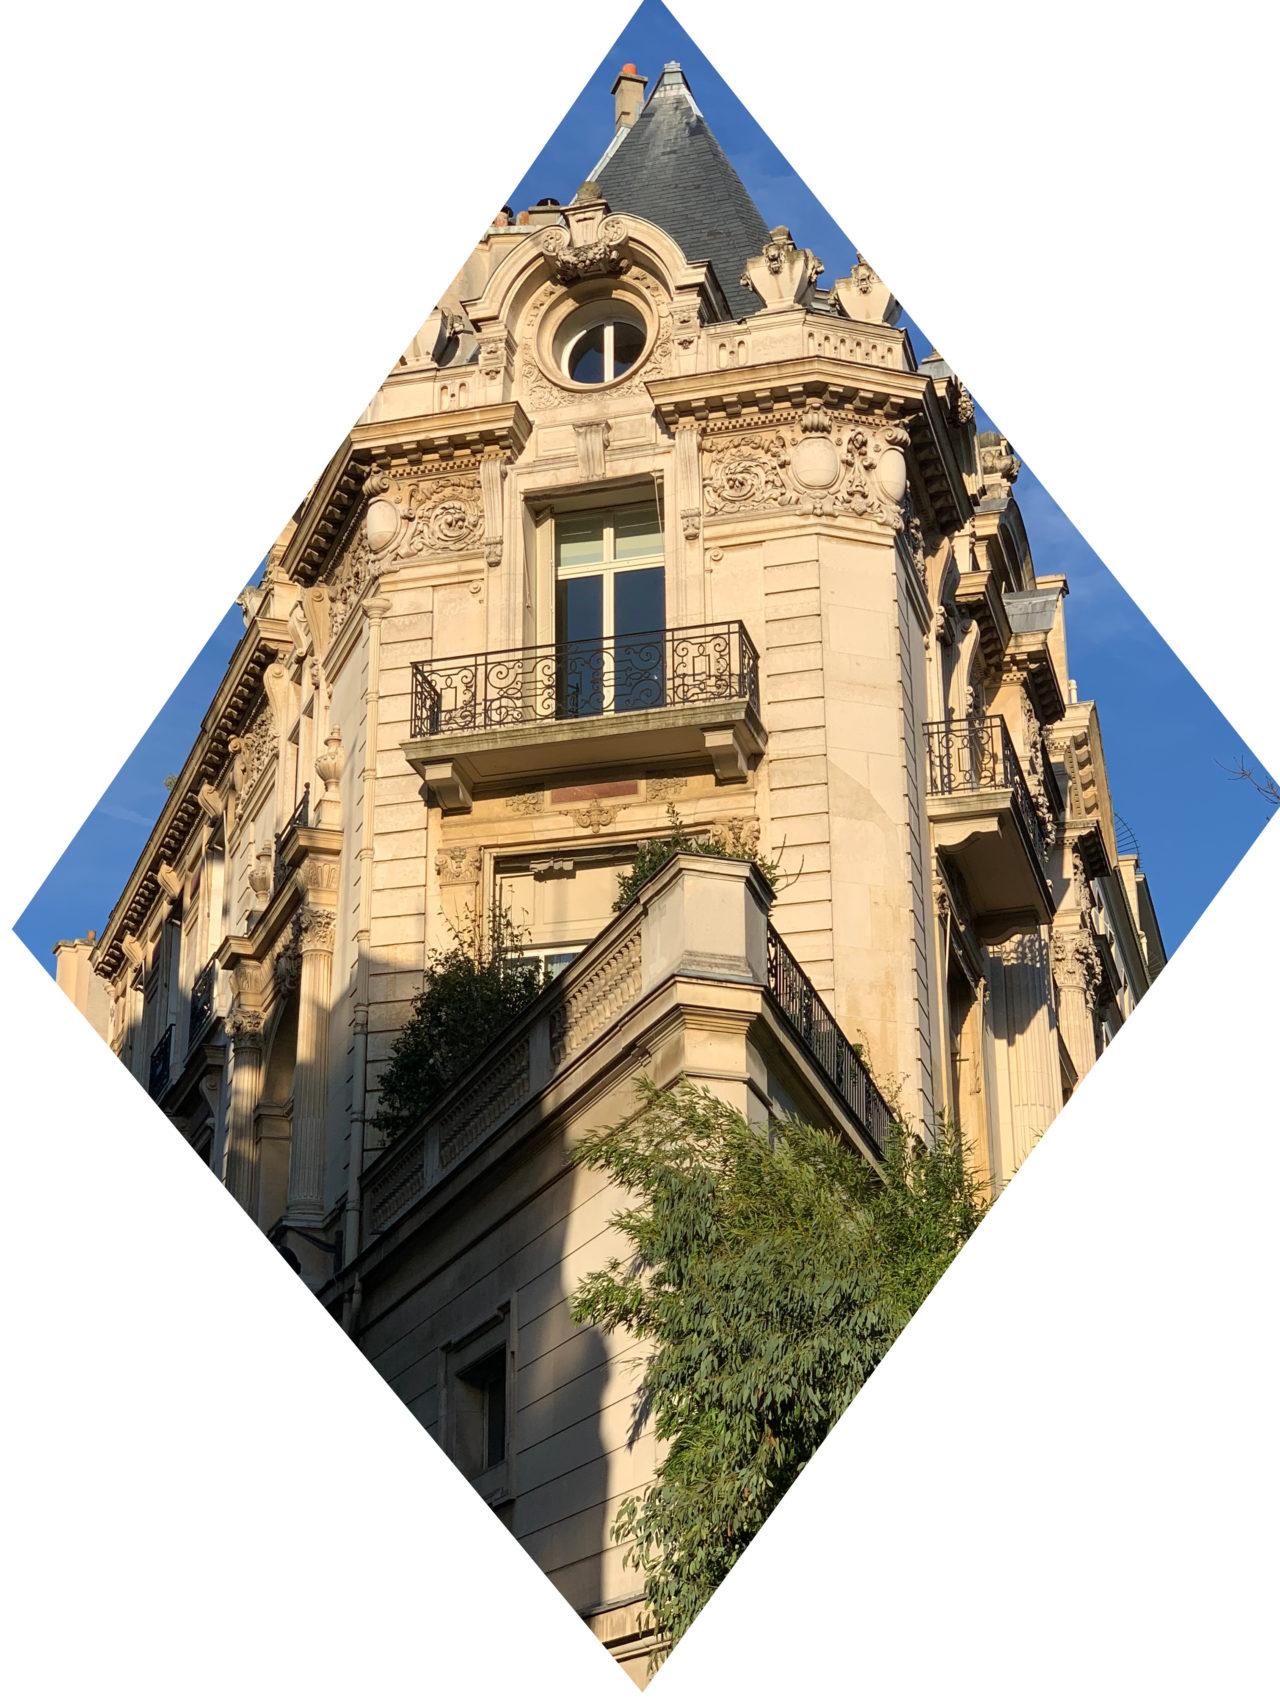 https://spqr-diag.fr/wp-content/uploads/2020/03/diagnostic-immobilier-paris-16ème-la-garenne-colombes-sarcelles-meudon2-1280x1707.jpg